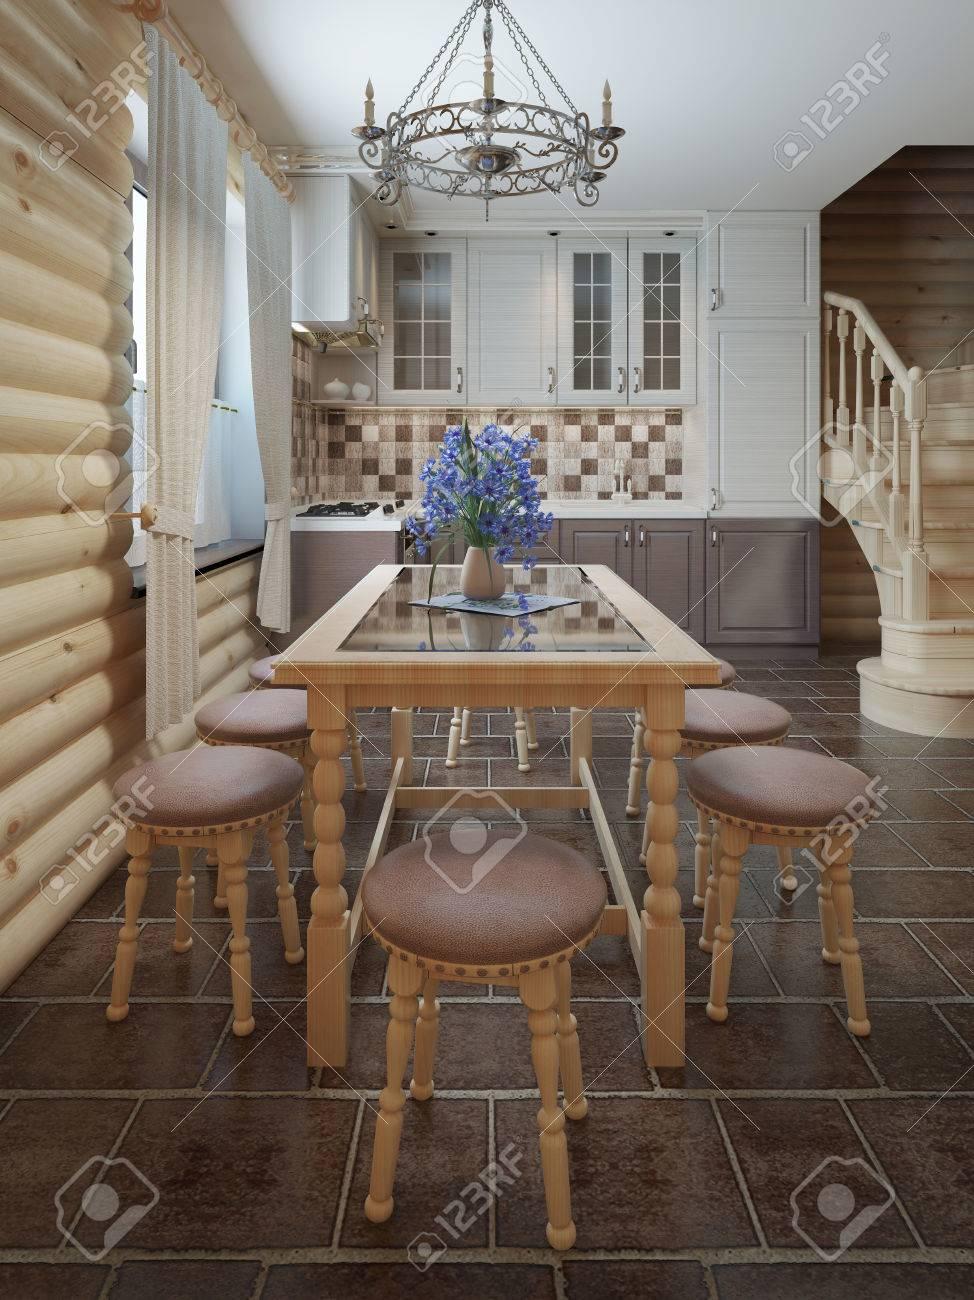 Esstisch Und Stühle Durch Die Fenster In Der Zwischen Eines Log-Stil ...